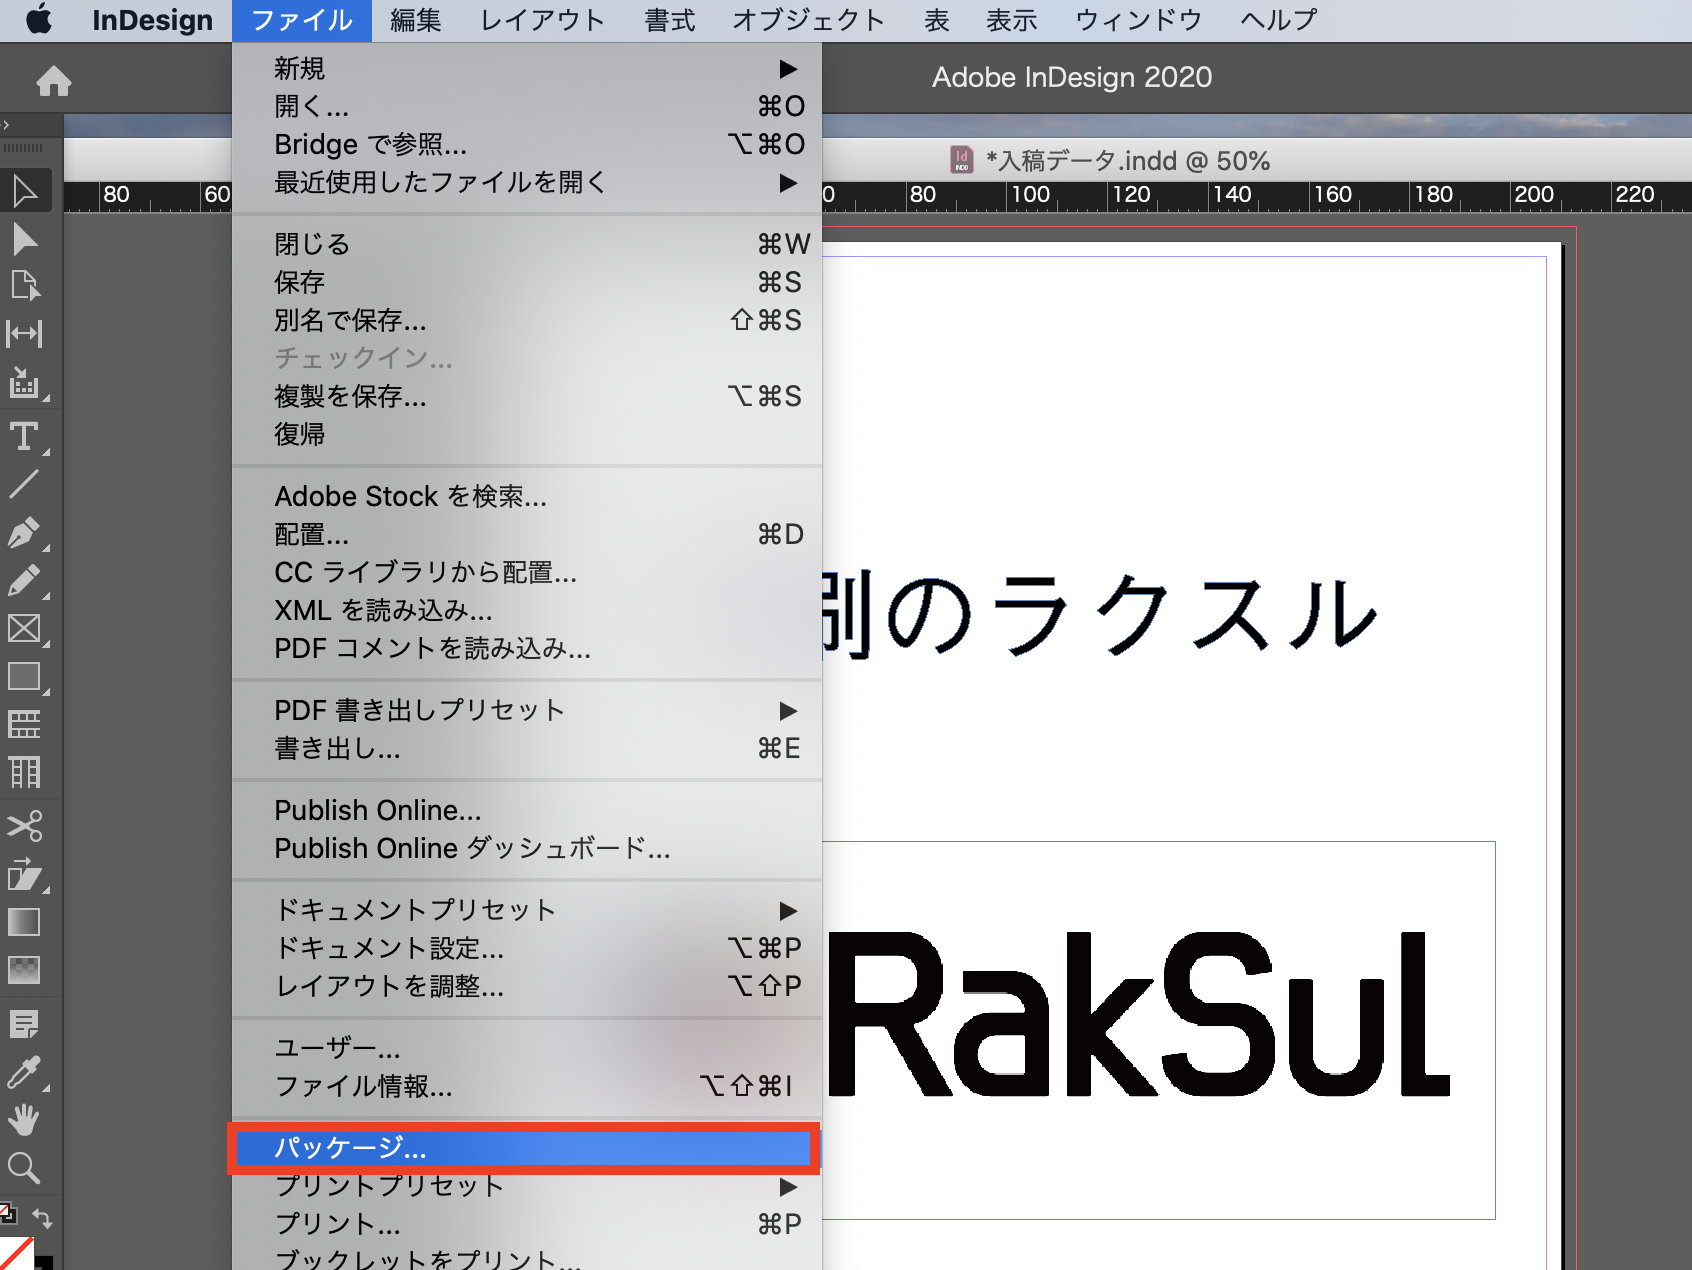 オブジェクト マップ を 個 マーク する で 5 「ファークライ5」,マップエディタとゲームデザインが楽しめる「ファークライ・アーケード」の詳細を発表。日本語版トレイラーの公開も